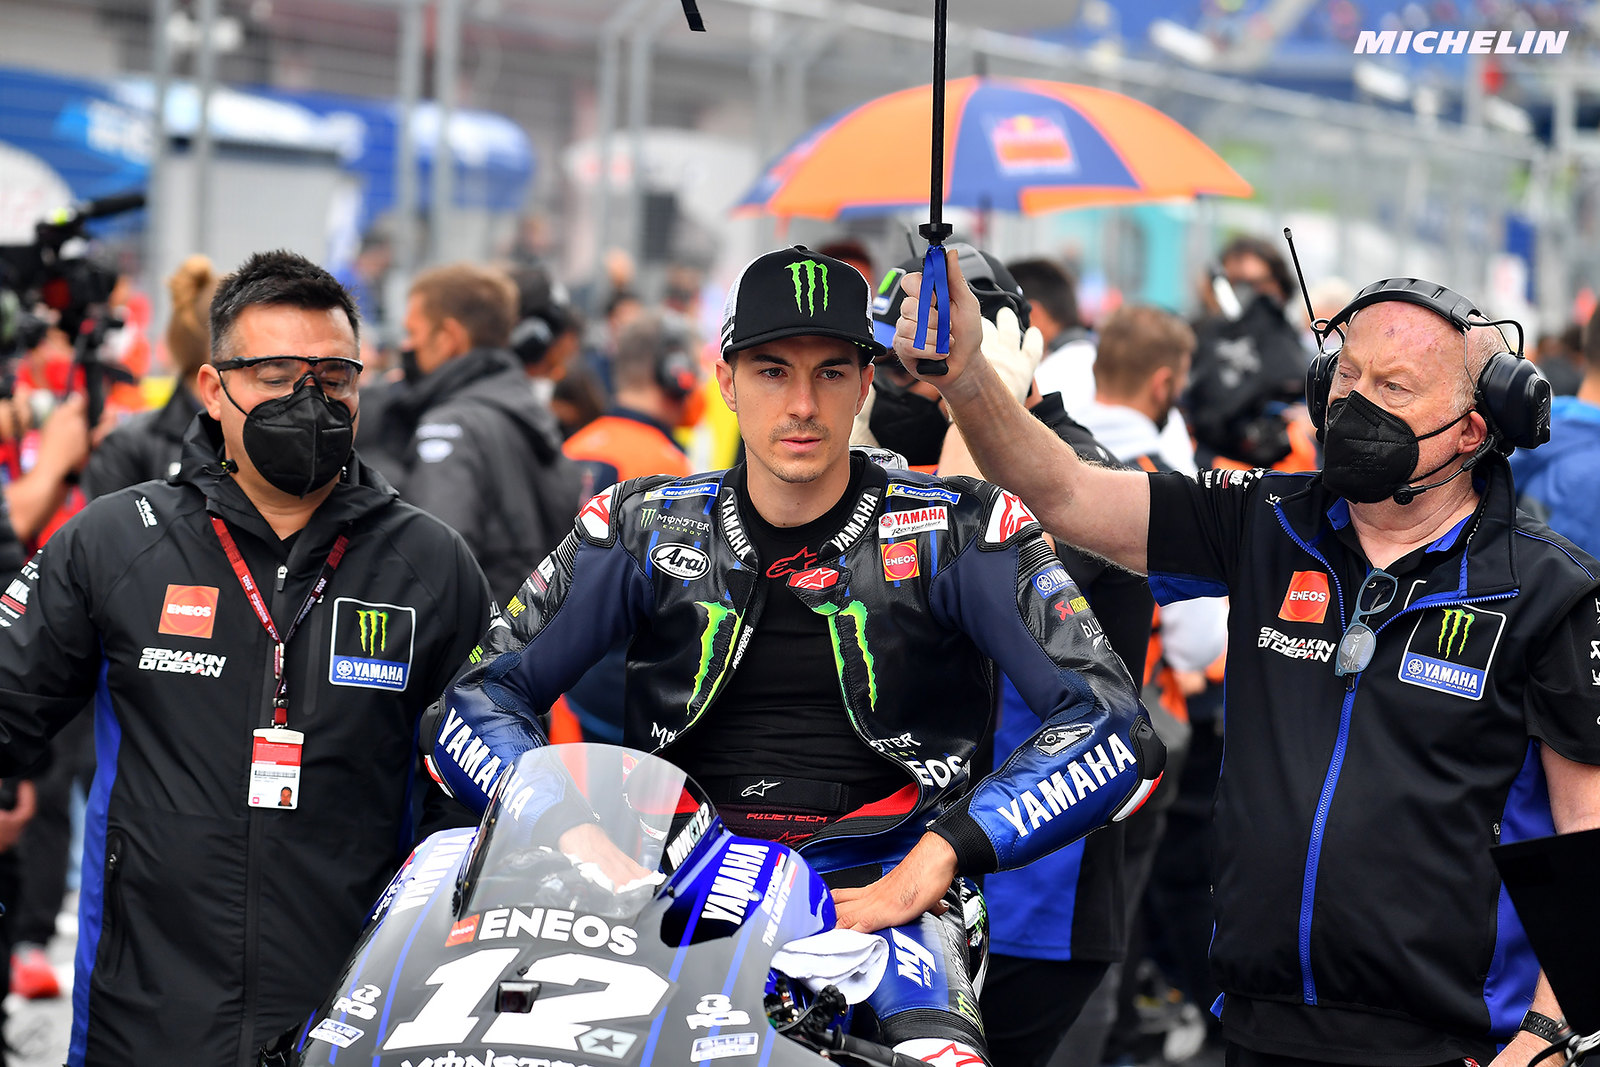 MotoGP2021スティリアGP マーべリック・ビニャーレス「自信を持ってレースに挑むことが出来ない」